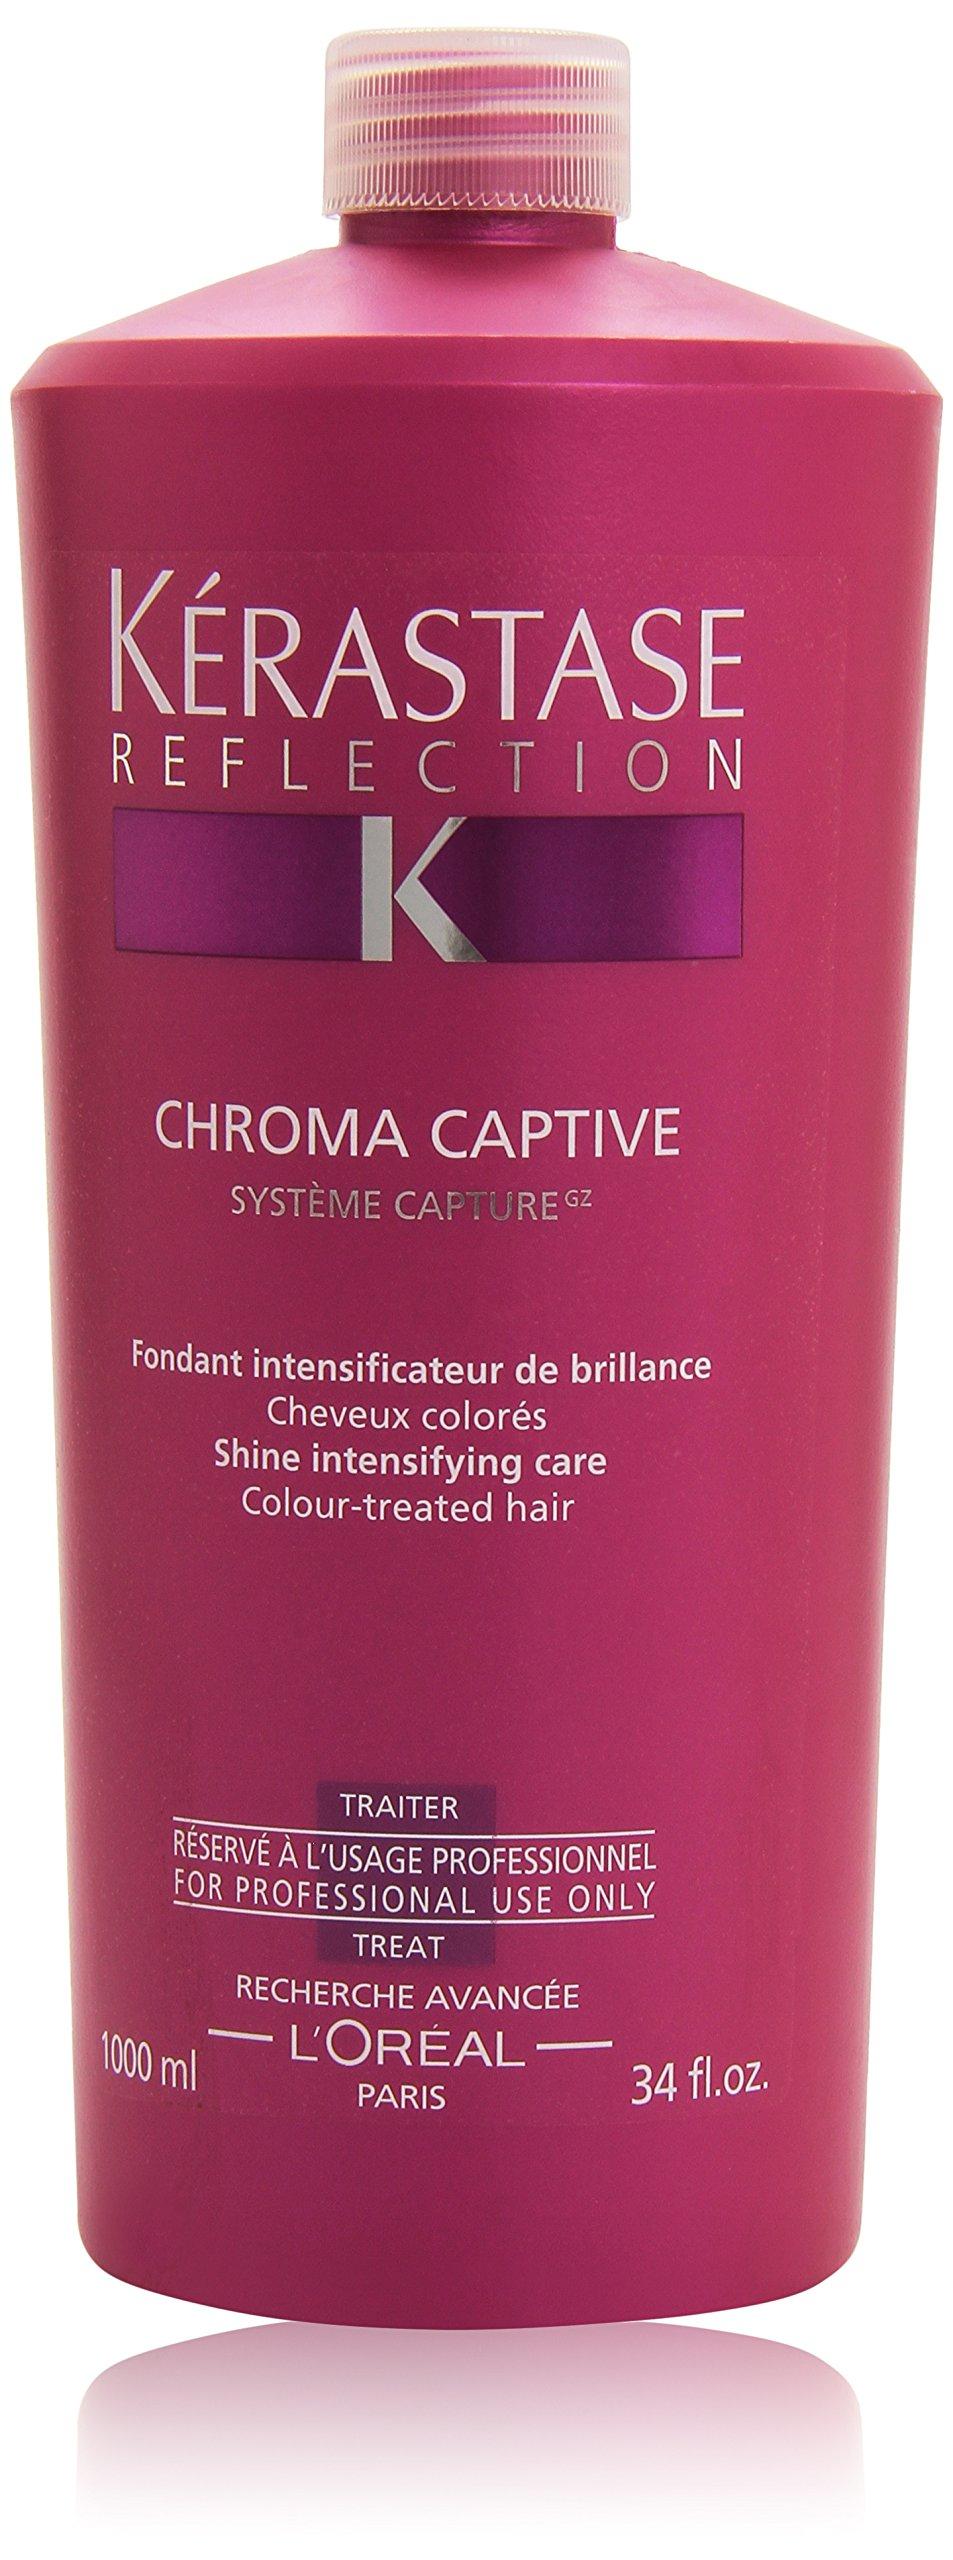 Kerastase Reflection Chroma Captive Treatment, Shine Intensifying Care, 34 Ounce